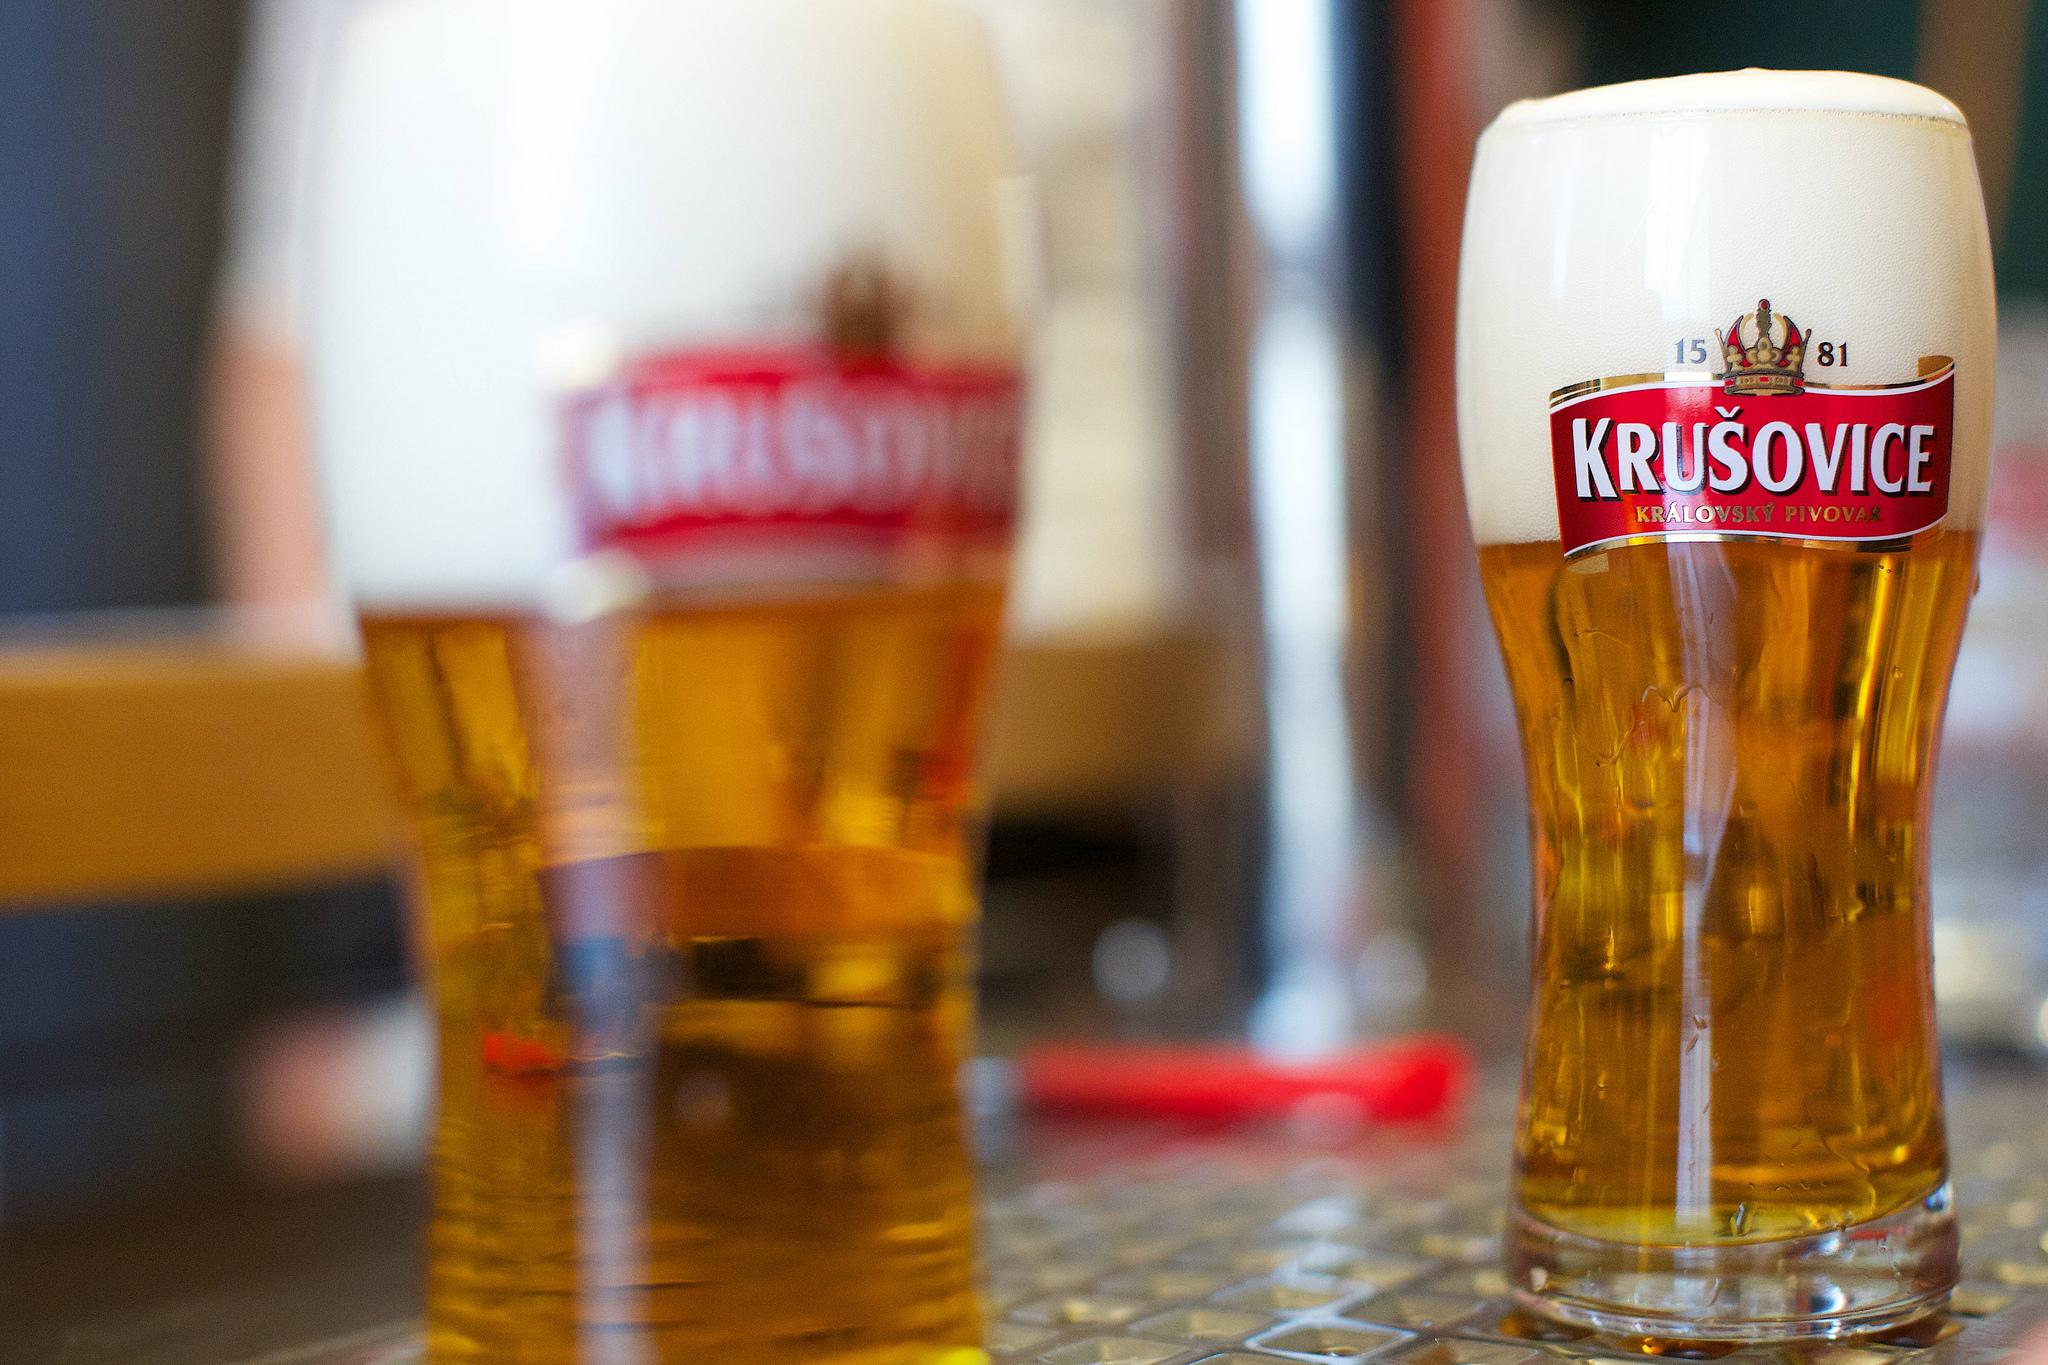 Обычно «Крушовице» пьют из высоких стаканов с «талией»,… Источник https://ready2travel.ru/